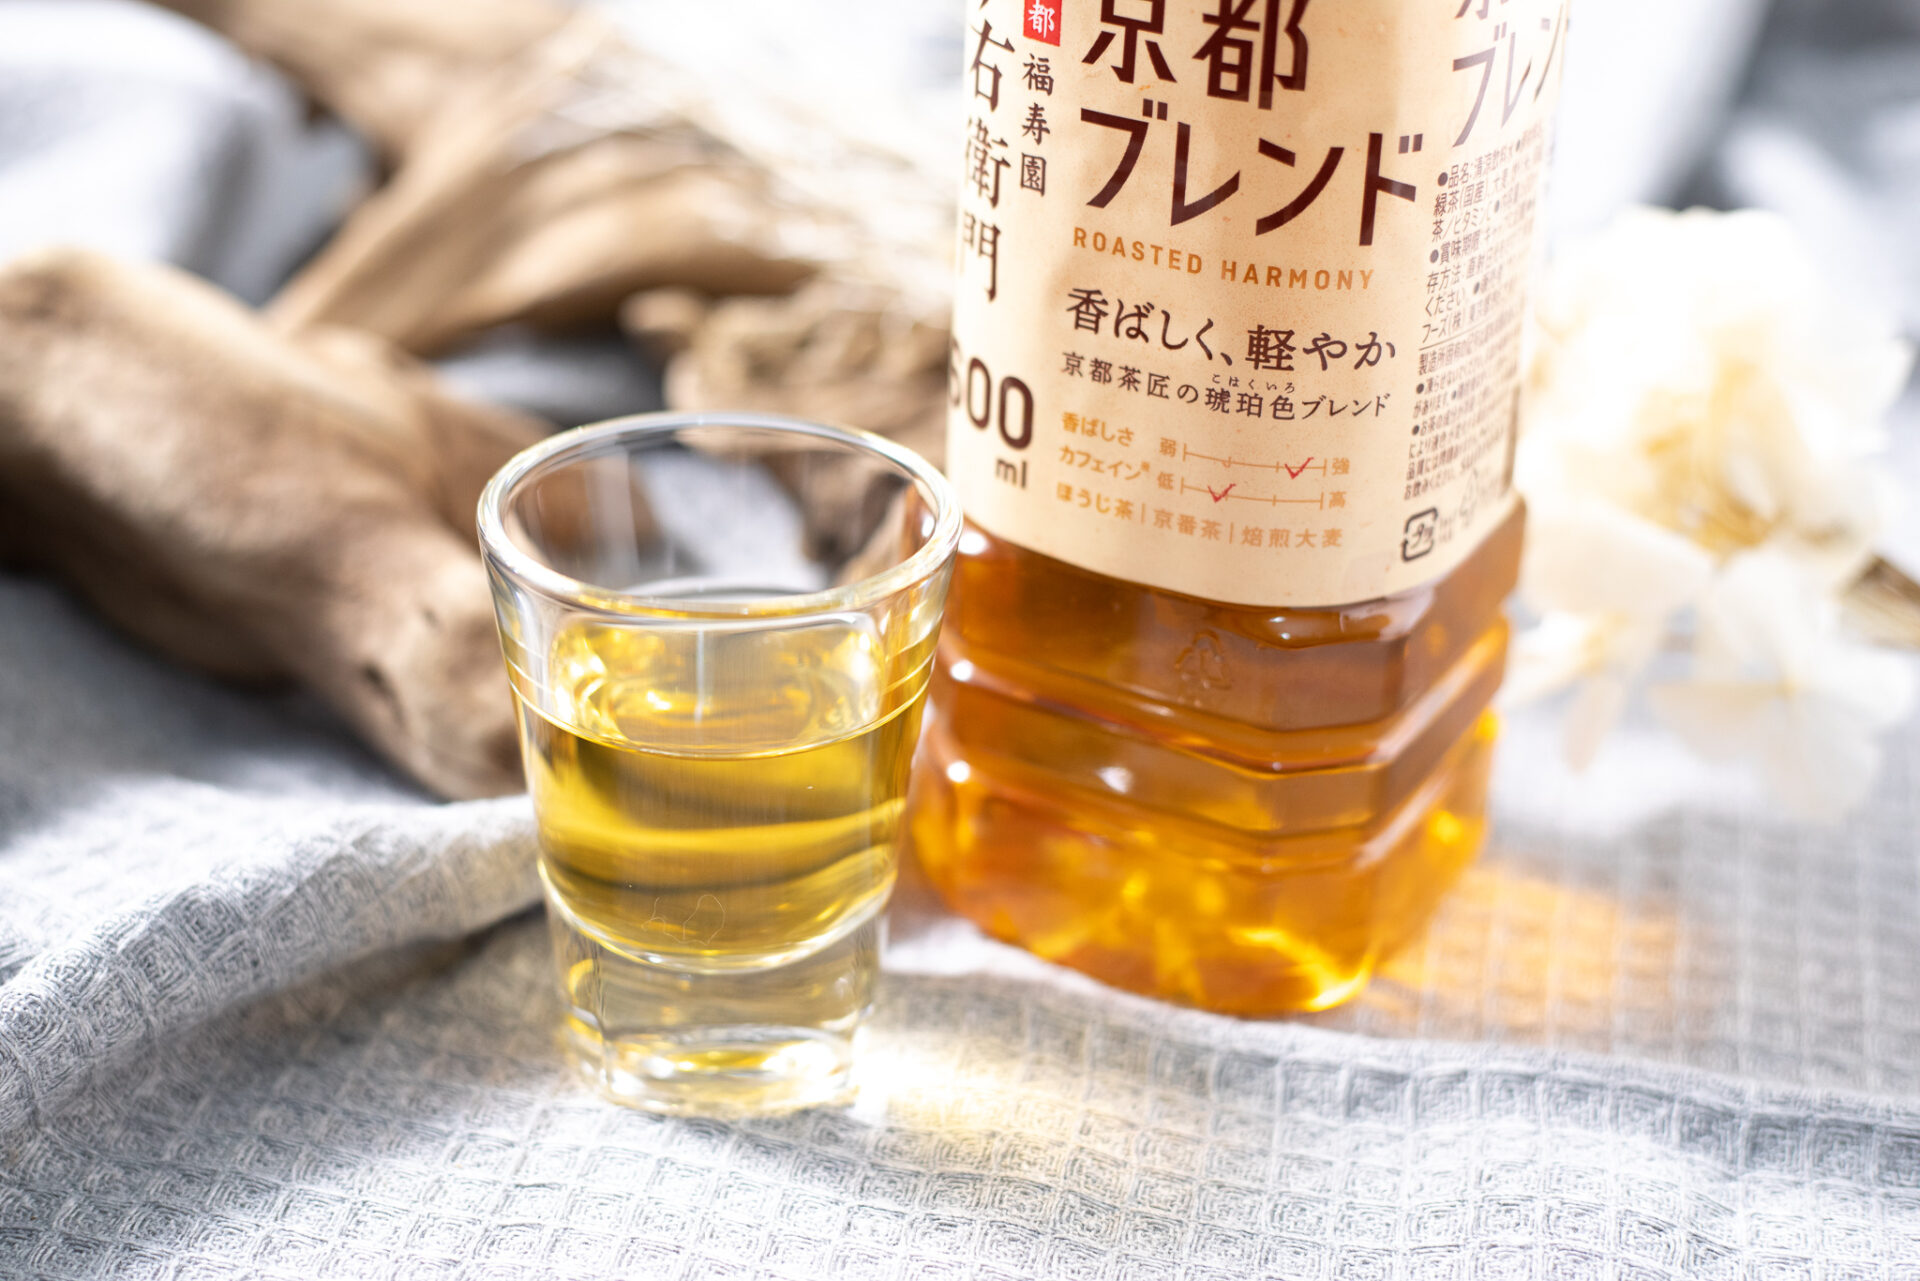 サントリー緑茶『伊右衛門 京都ブレンド』